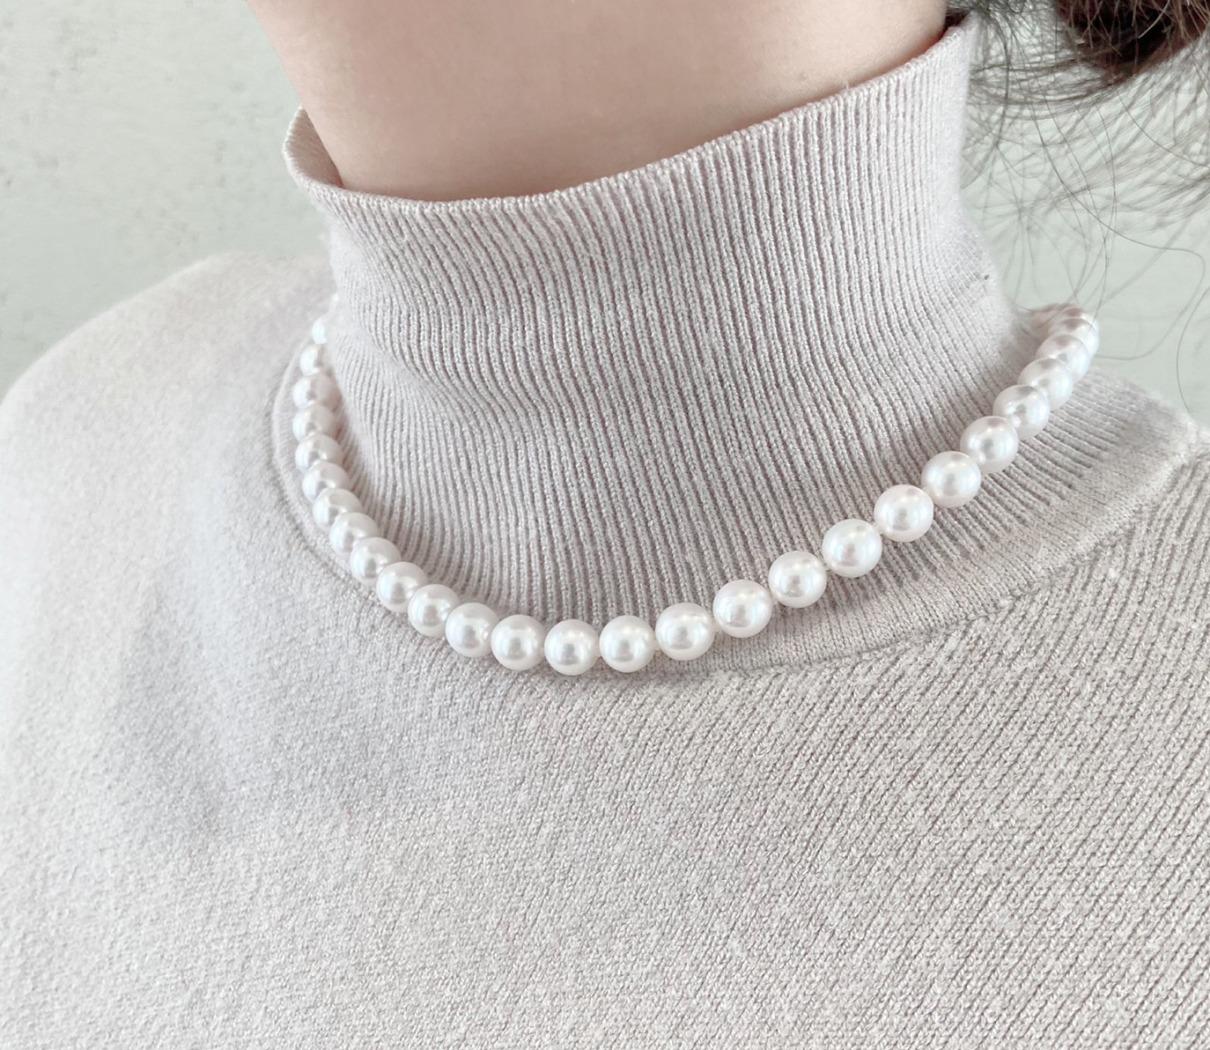 あこや真珠ネックレス7.5-8.0㎜ ピンク系です。